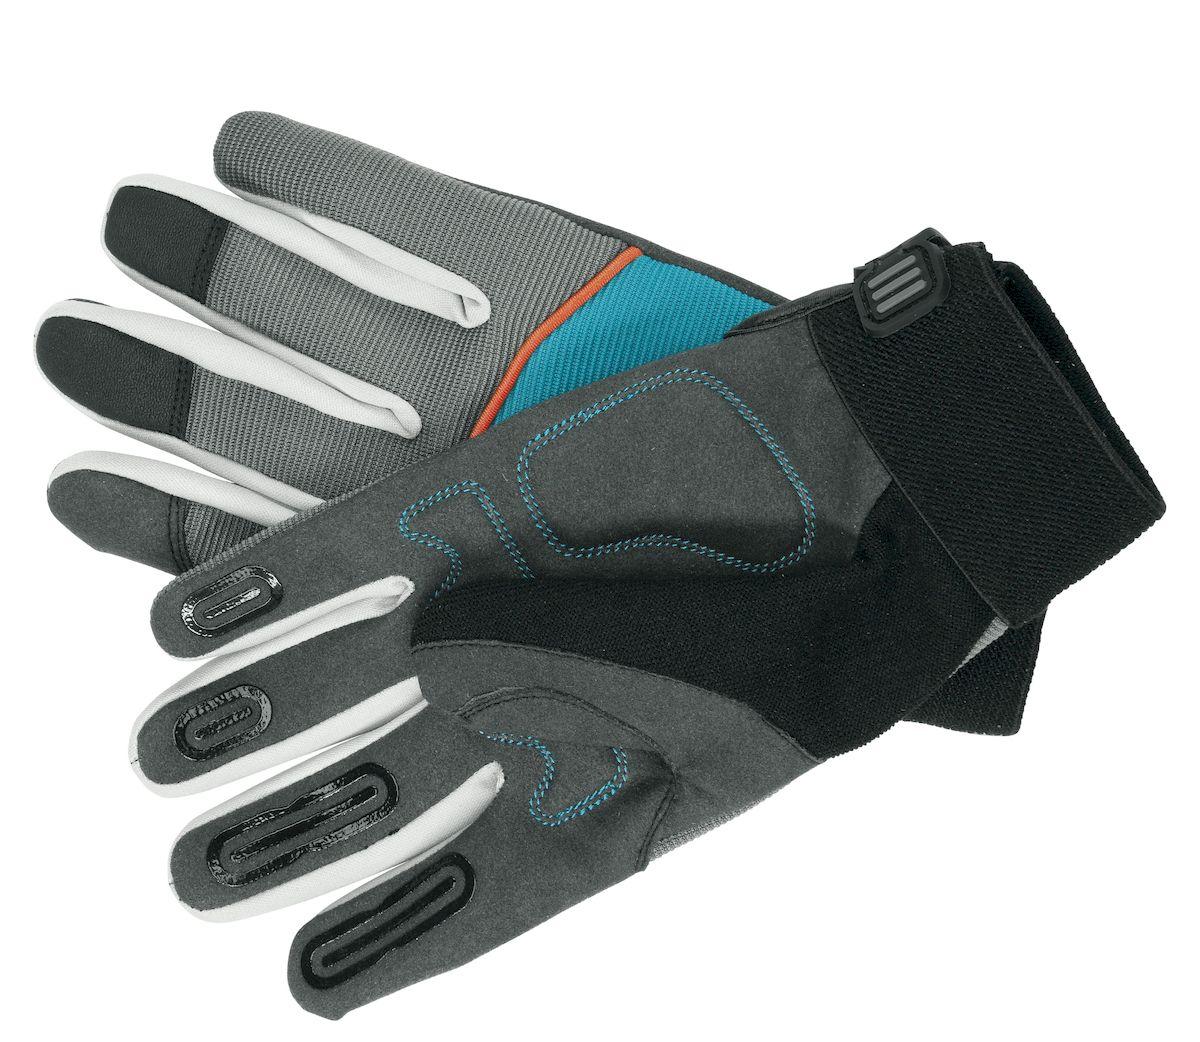 Перчатки Gardena для работы с инструментом. Размер 8FS-80423Перчатки Gardena обеспечат надежный захват инструмента и удержание в руке. Инновационное покрытие области пальцев гарантирует отсутствие скольжения инструмента в руках во время работы. Амортизирующие вставки в области ладони создают приятный комфорт - в особенности, когда необходимо уменьшить воздействие, создаваемое механическим садовым инструментом или техникой с двигателем. Специально разработанный покрой области пальца оптимизирует посадку на руке, обеспечивает безопасное удерживание инструмента и увеличивает срок службы перчаток. Особенно, если вы работаете с топором, ножницами для обрезки живой изгороди или сучкорезом. В целом перчатки изготовлены из специального, дышащего тканевого материала, который предотвращает запотевание рук. Если же вы начинаете потеть во время работы, то всегда сможете комфортно вытереть пот с лица благодаря наличию на большом пальце вставки из мягкого материала (специально для этих целей). Прочная манжета на запястье регулируется и защищает от грязи и травм.